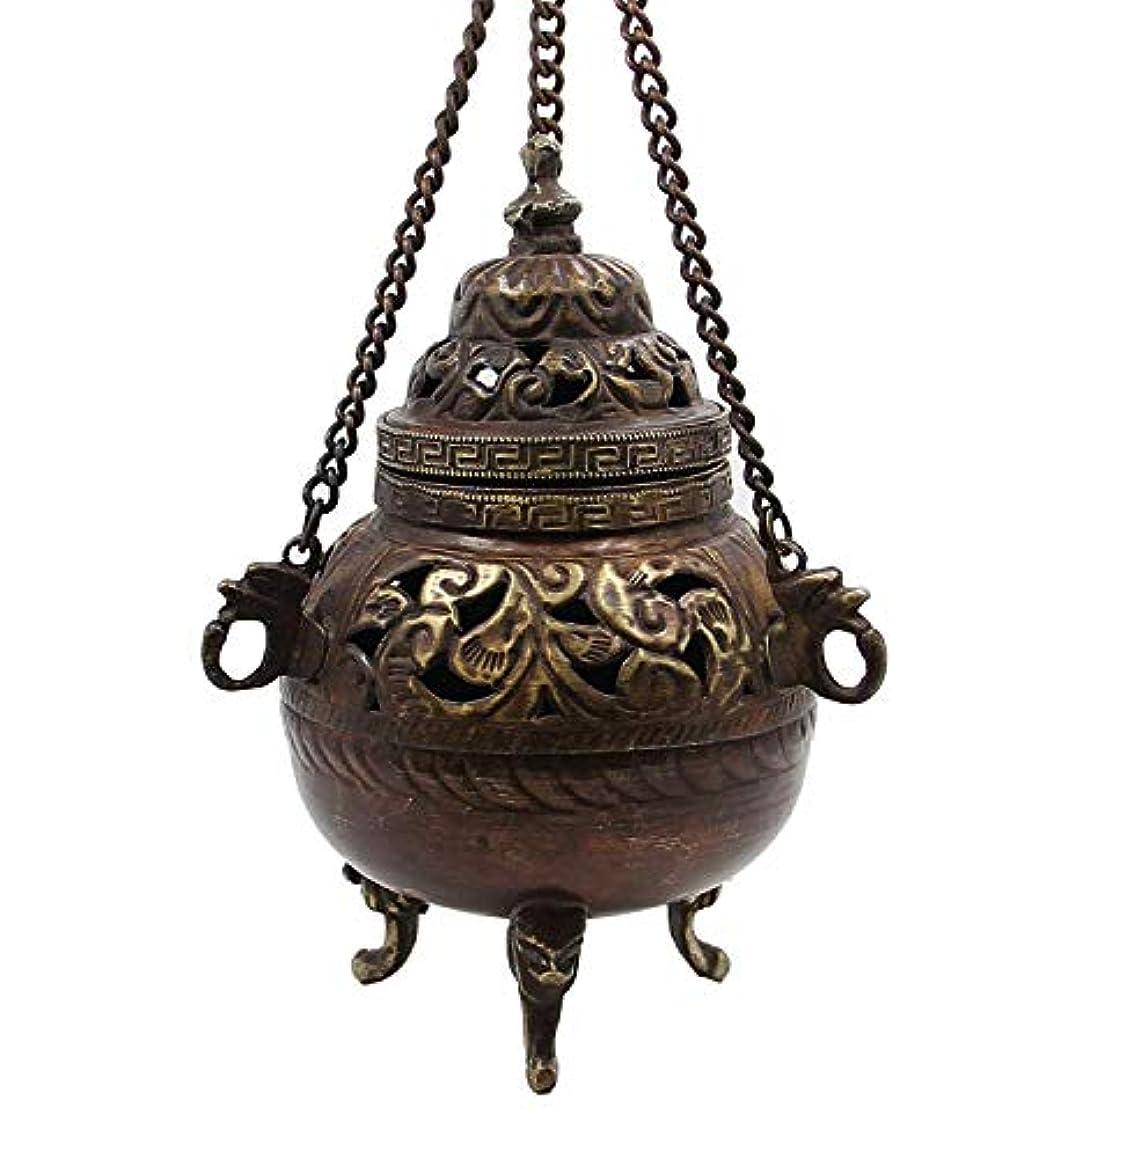 信仰新年弾性チベット従来DharmaObjects Hanging香炉銅5 cm高